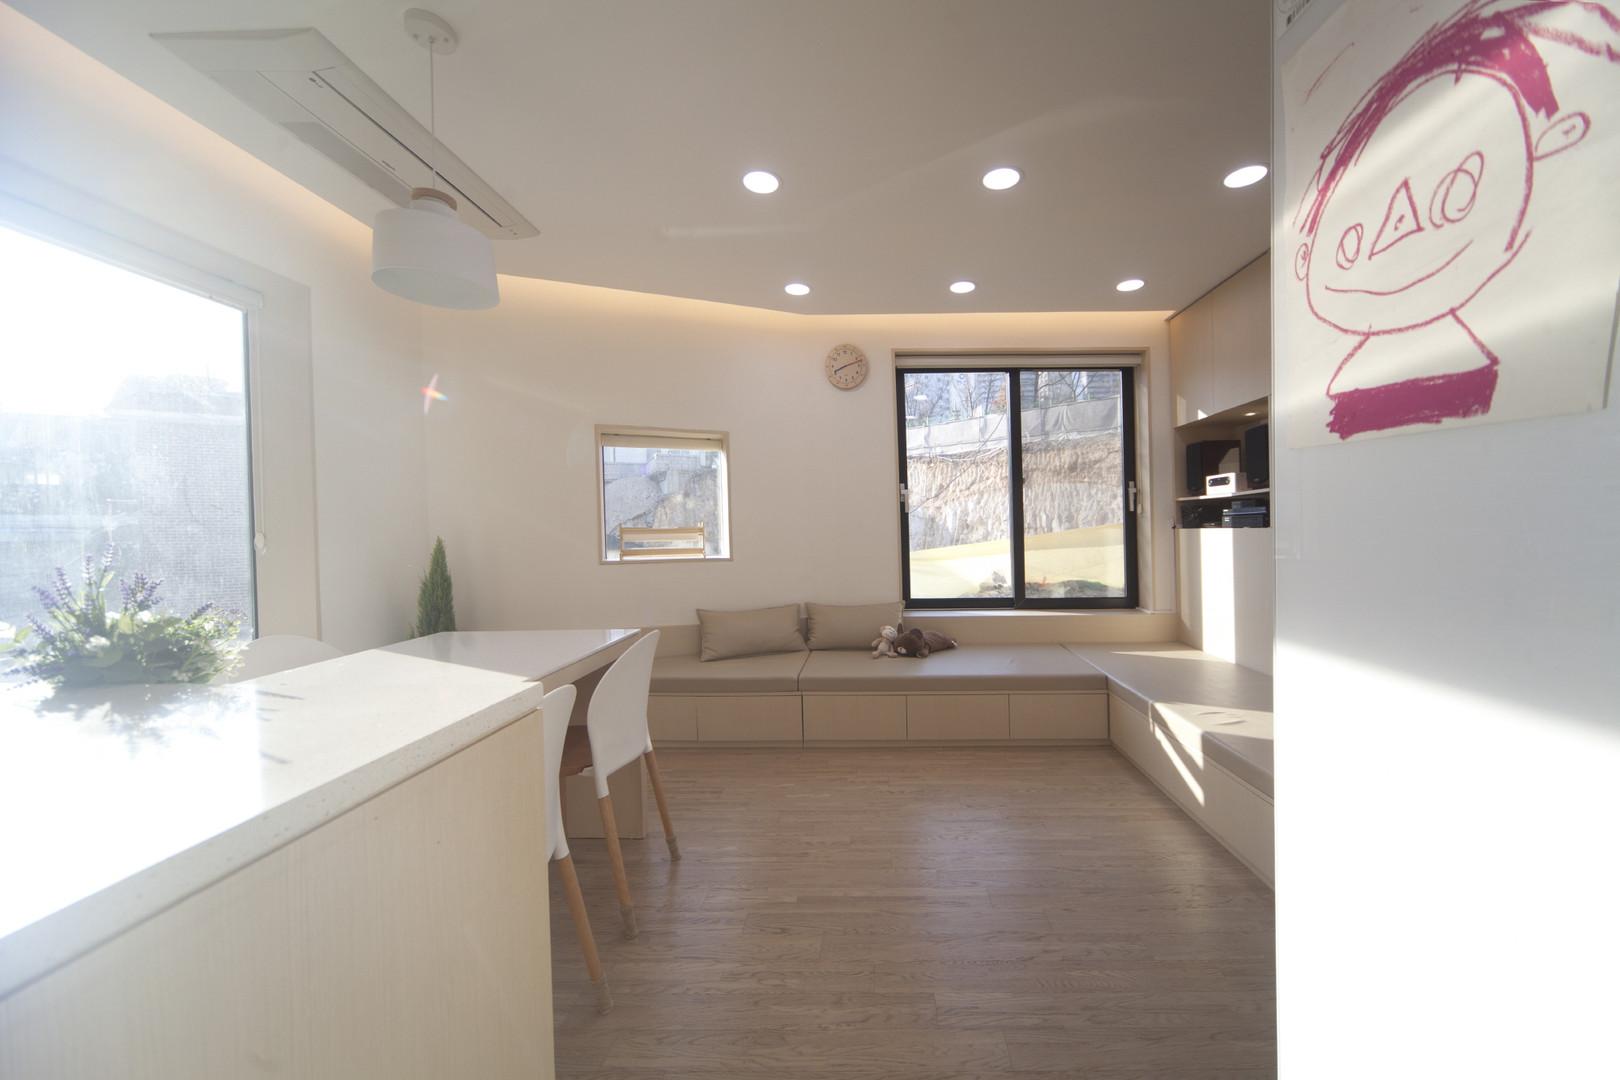 MOOTAA - Light house-009